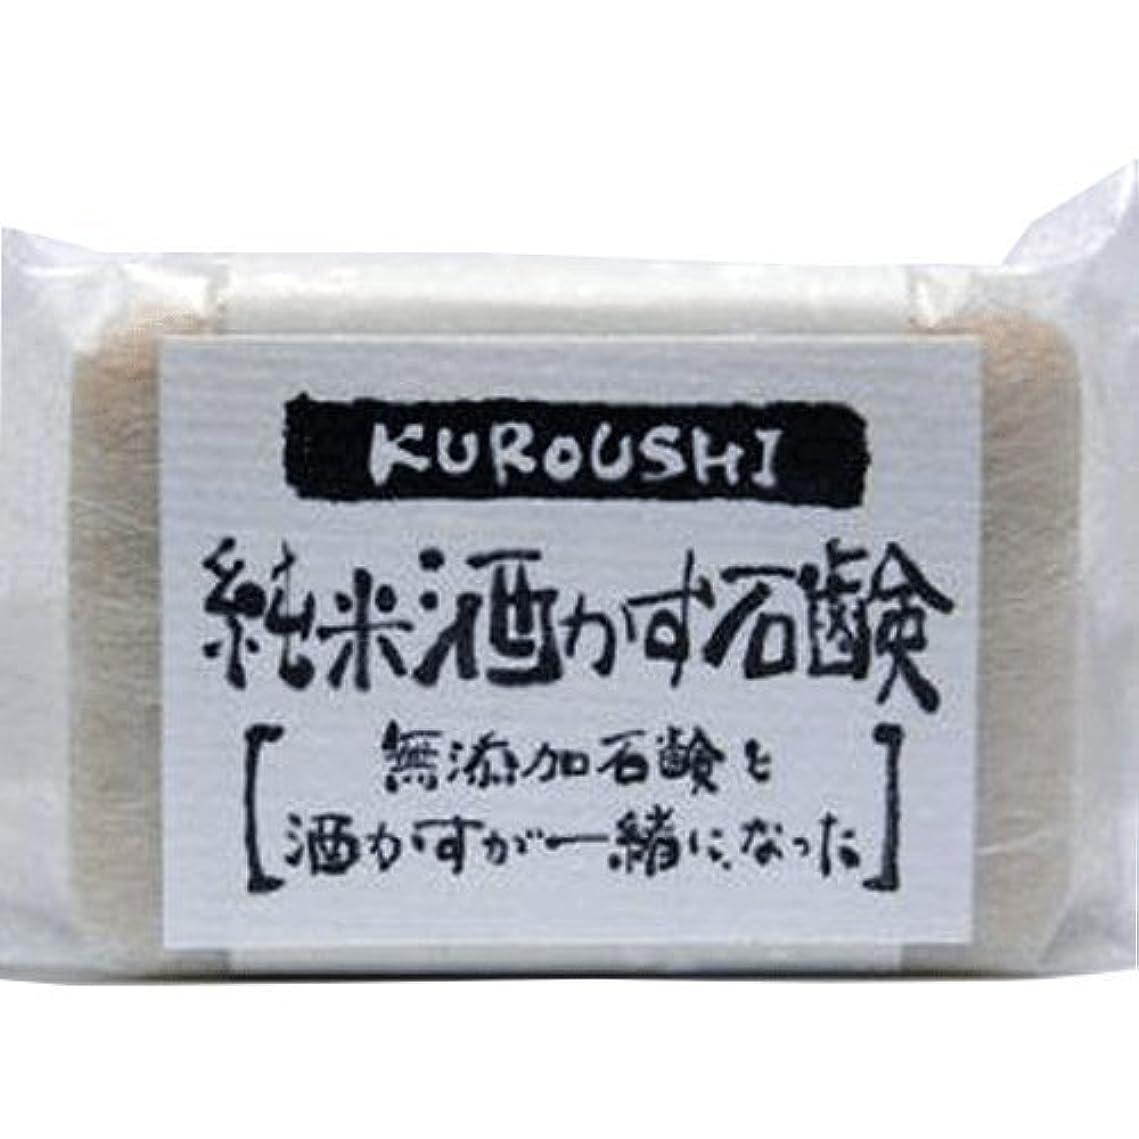 浪費ピグマリオン北西KUROUSHI 純米酒かす 無添加石鹸(せっけん) 120g 6個セット